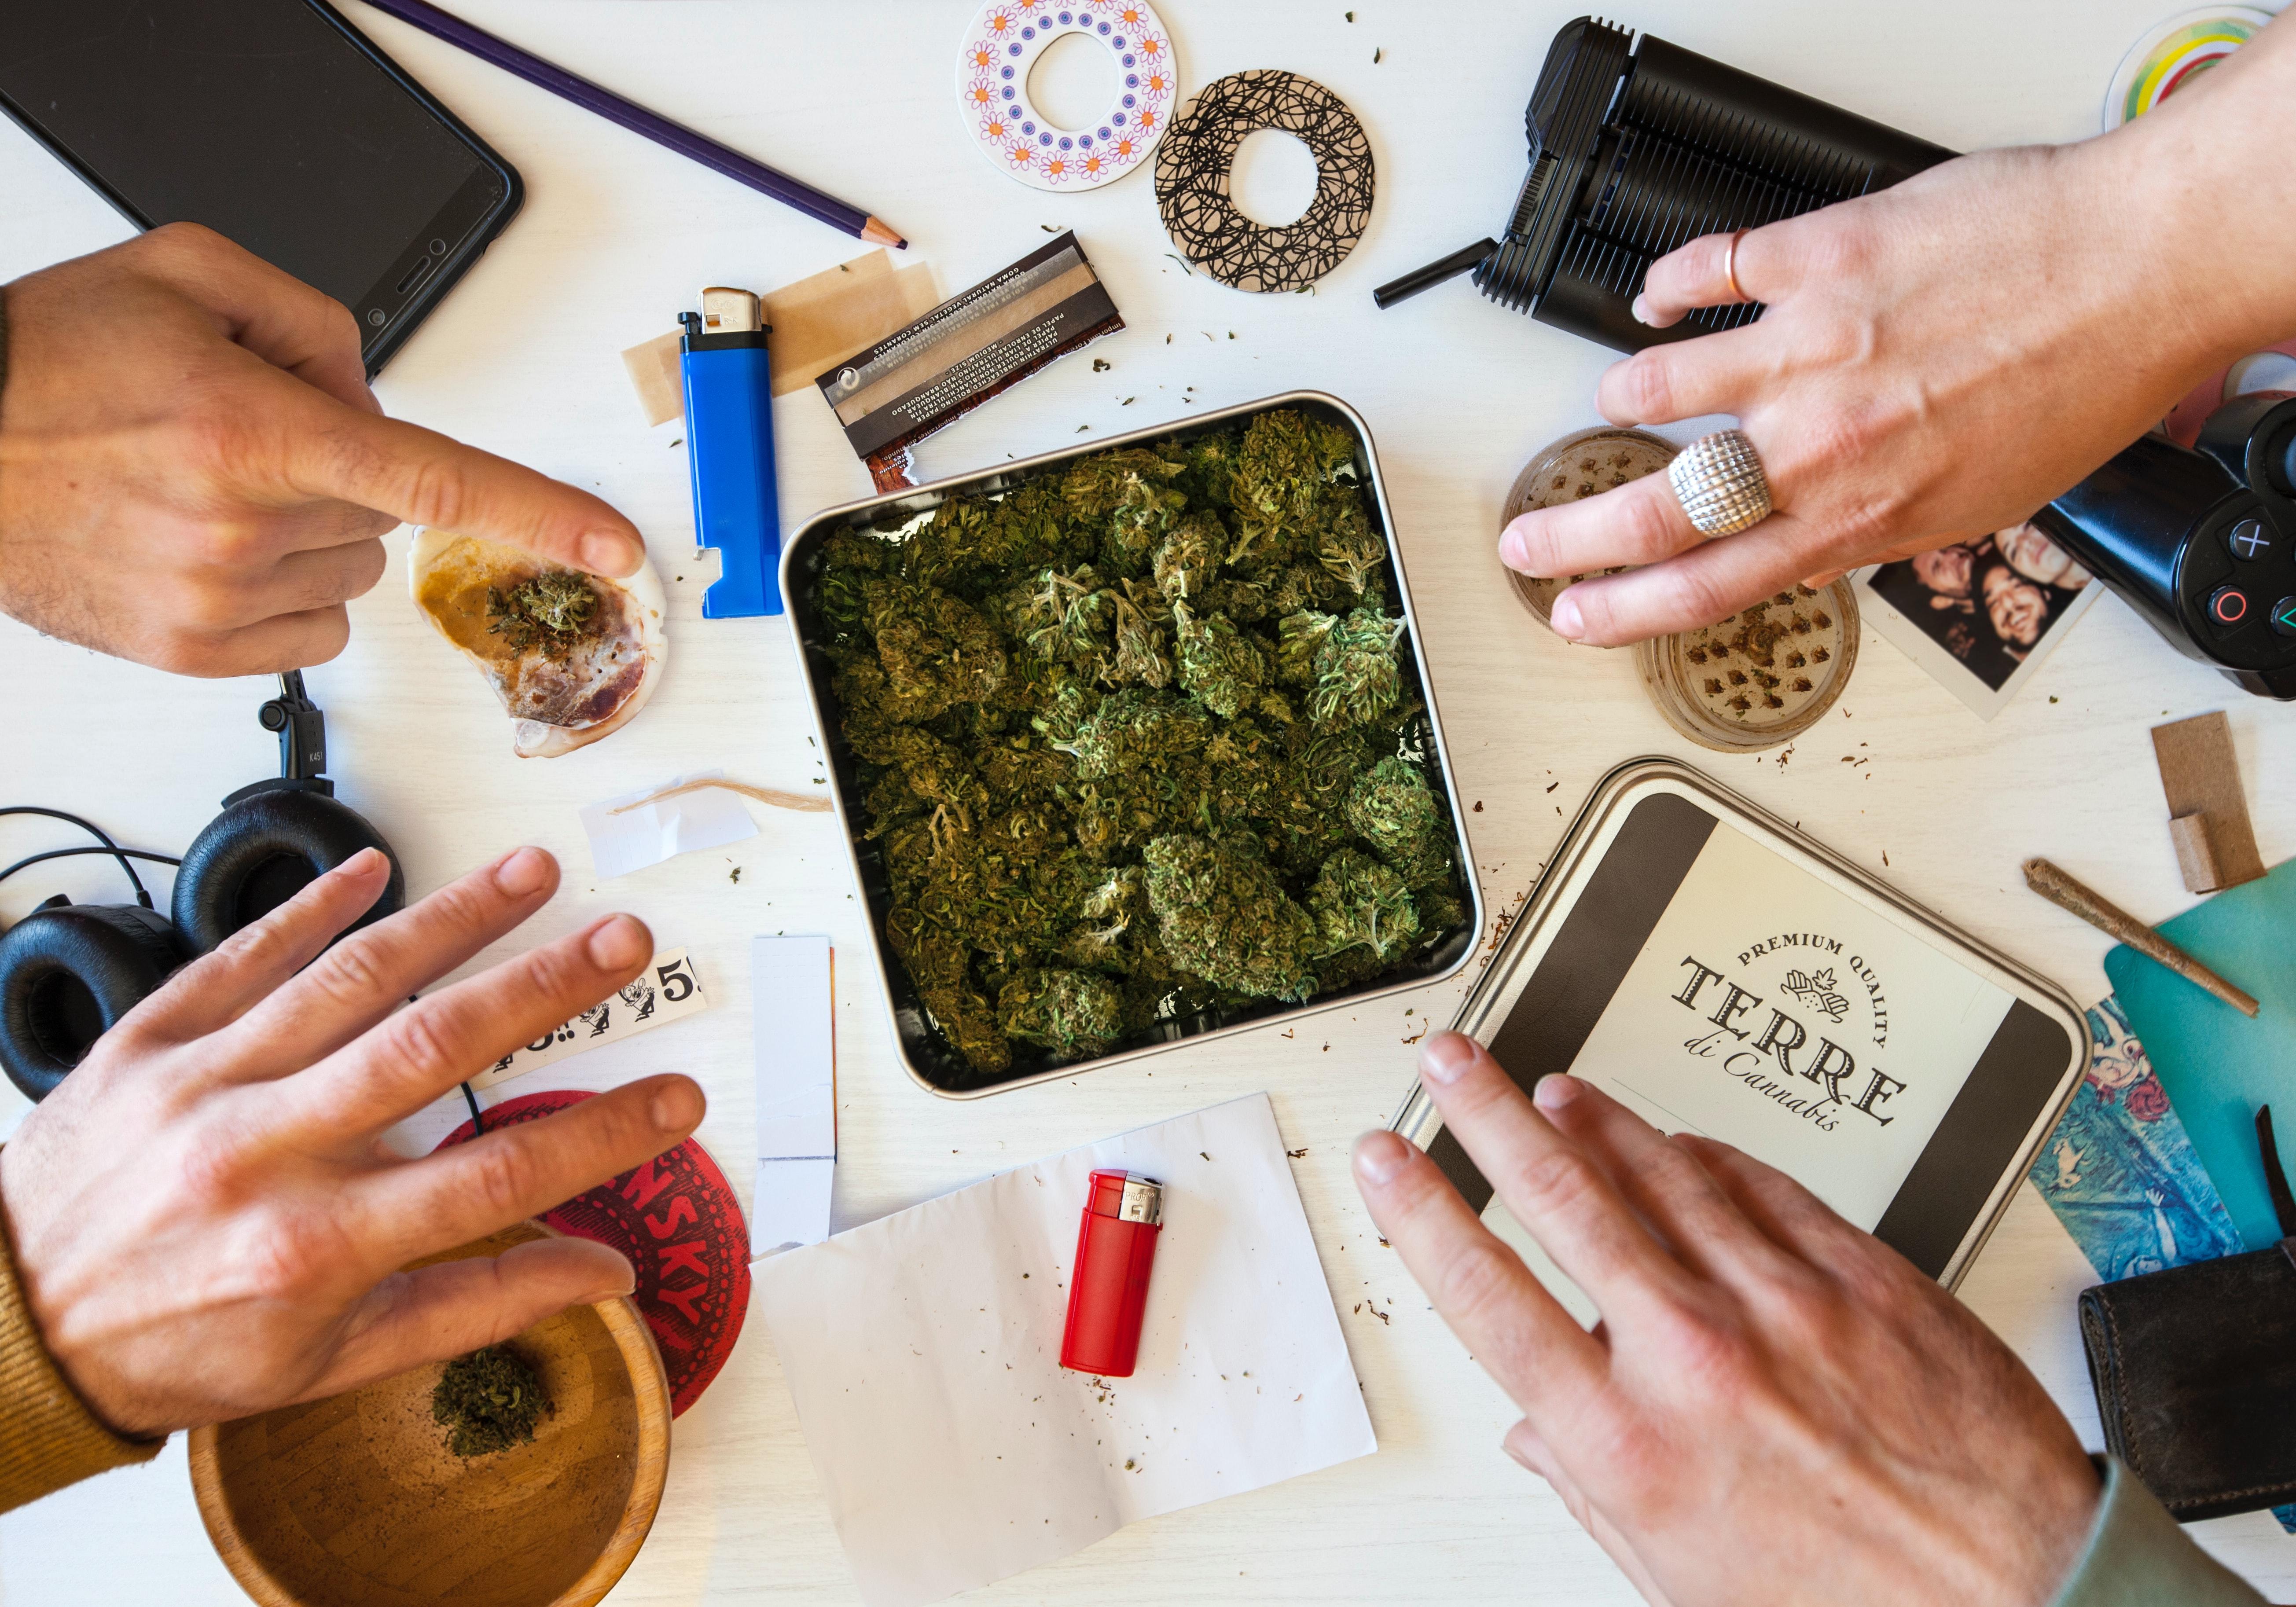 terre-di-cannabis-rcjZYEHFgKE-unsplash